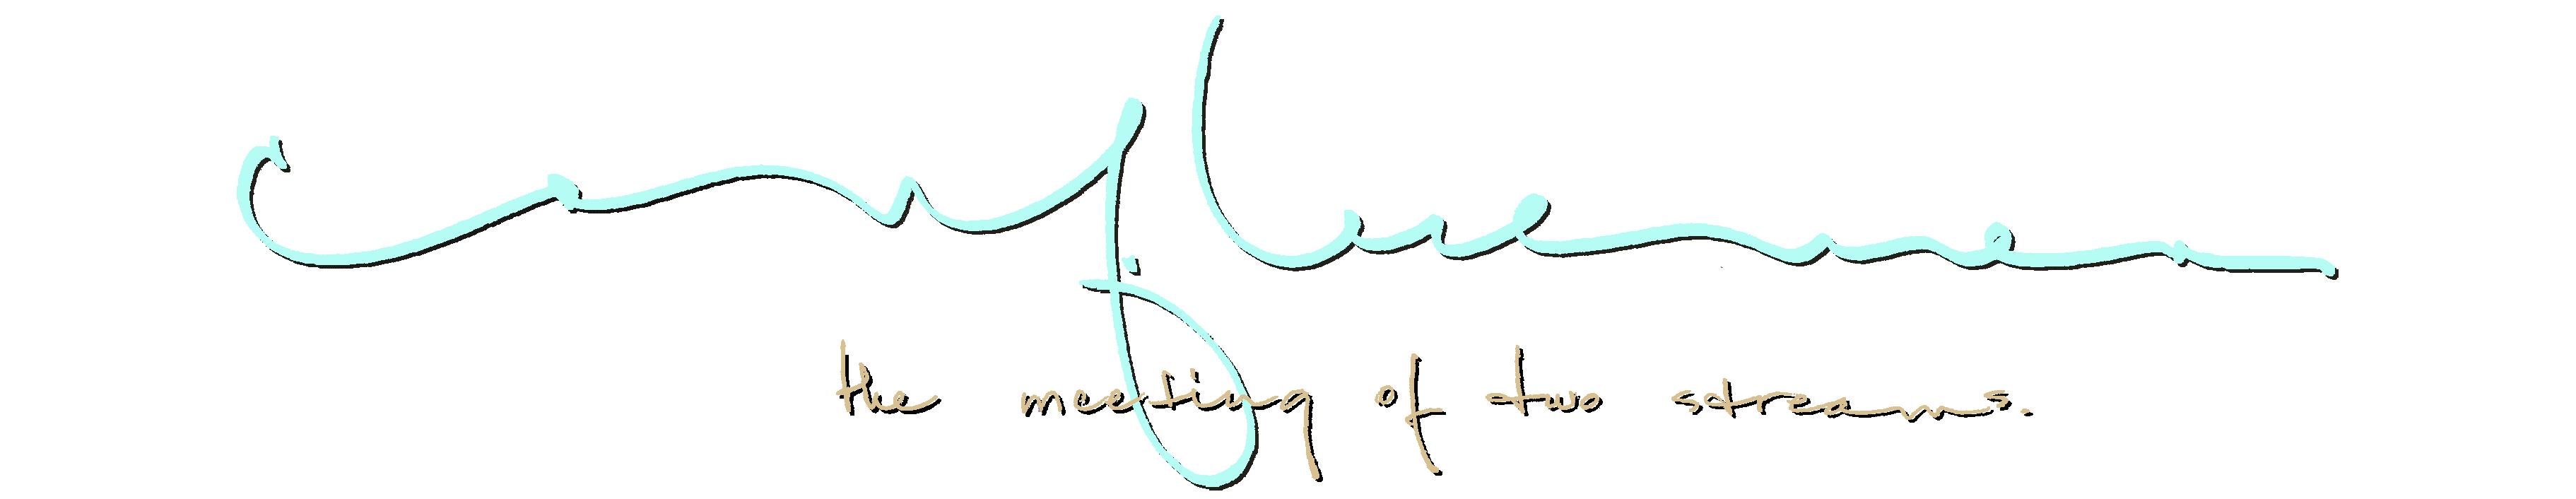 Summer 2017 confluence script